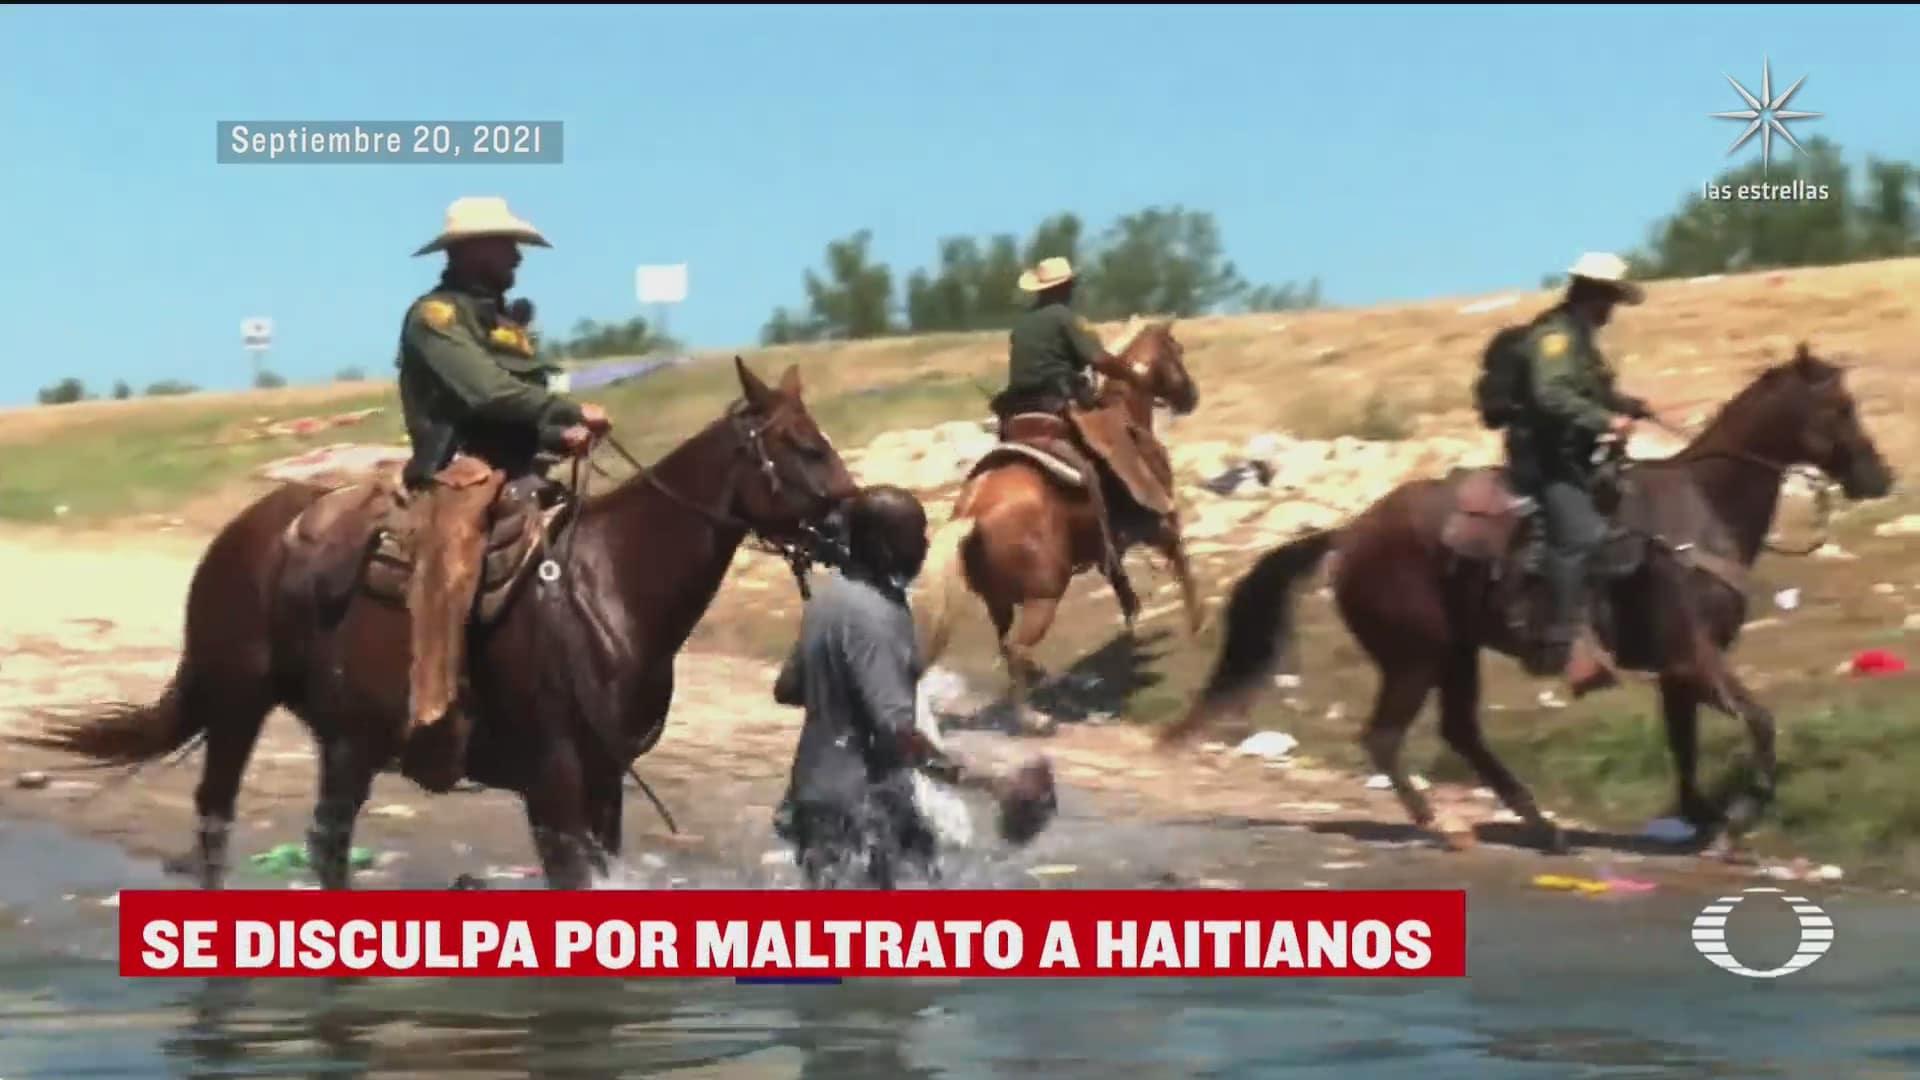 eeuu se disculpa por trato que migrantes haitianos recibieron en la frontera